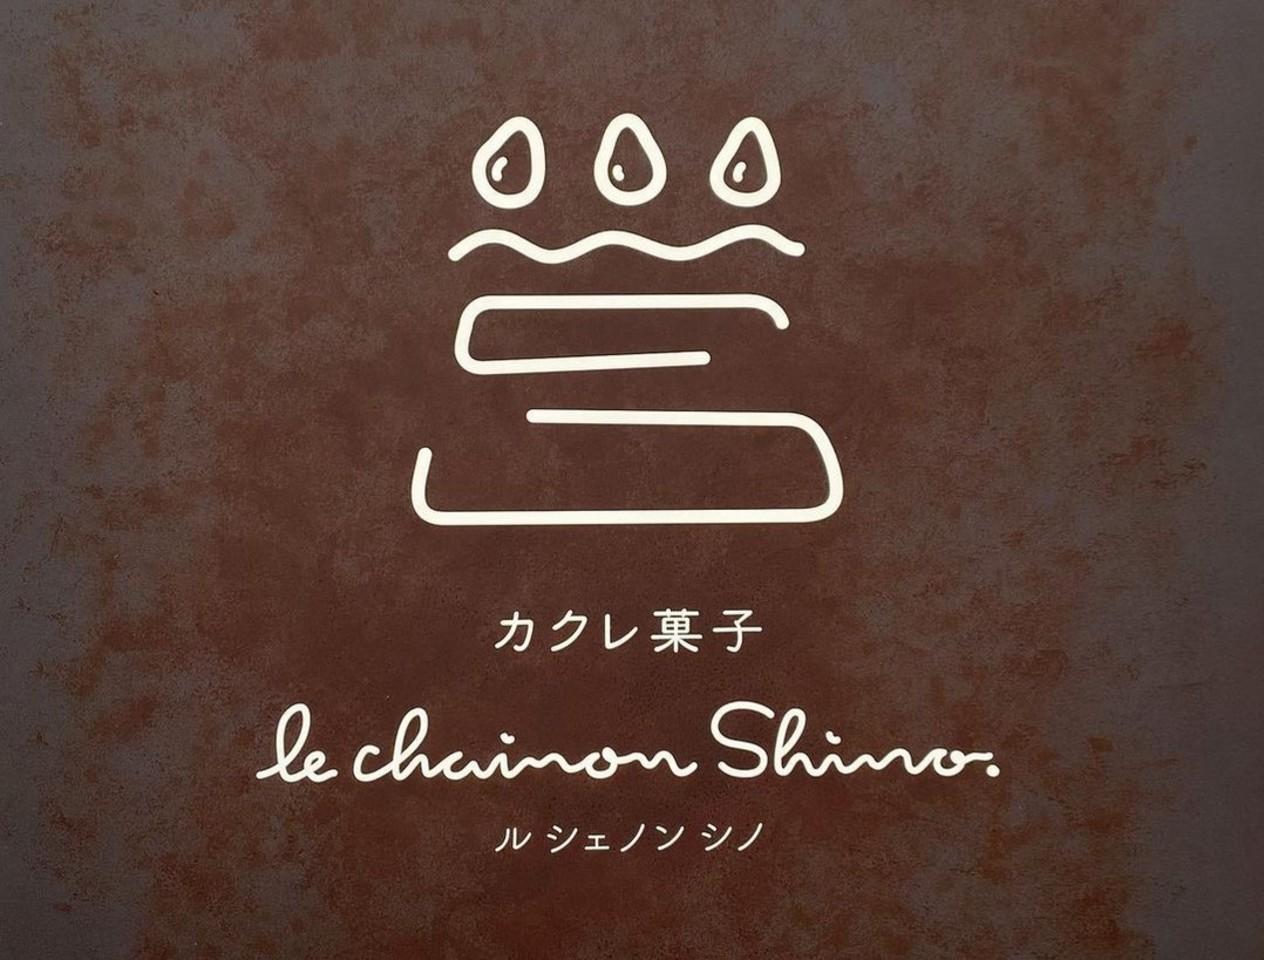 祝!1/14open『カクレ菓子 ル シェノン シノ』ケーキとデザート(島根県出雲市)